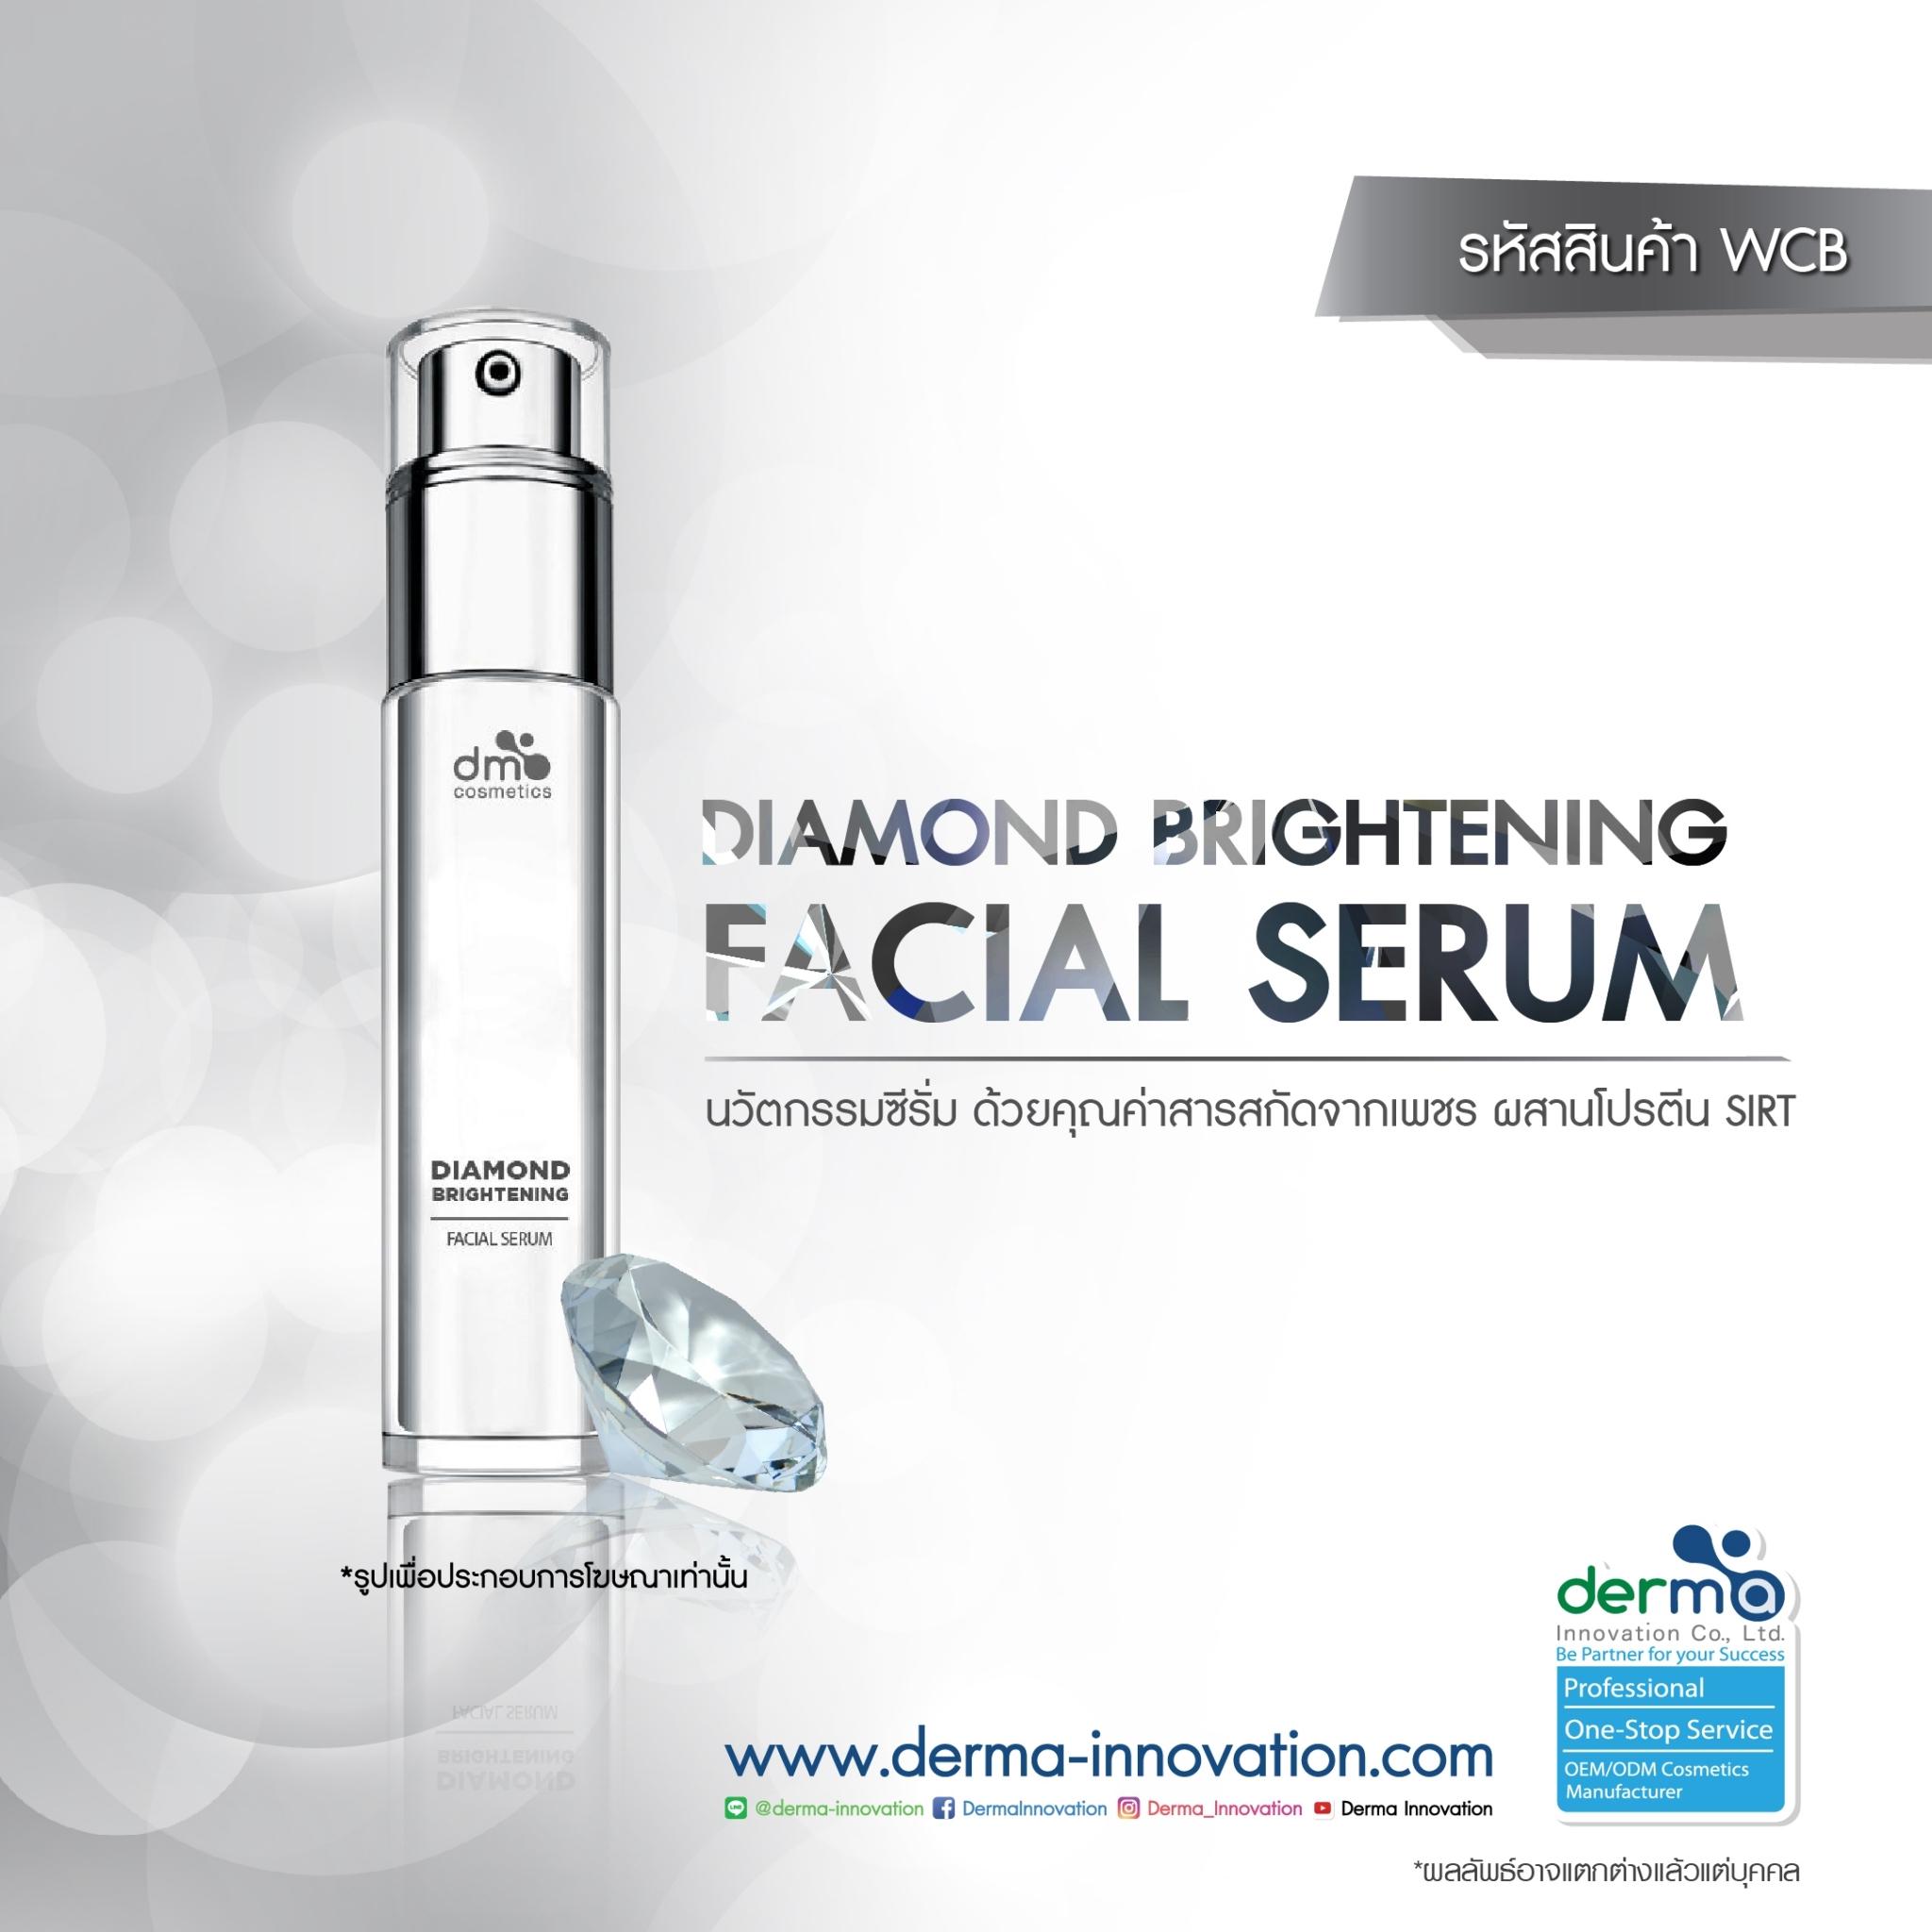 Diamond Brightening Facial Serum